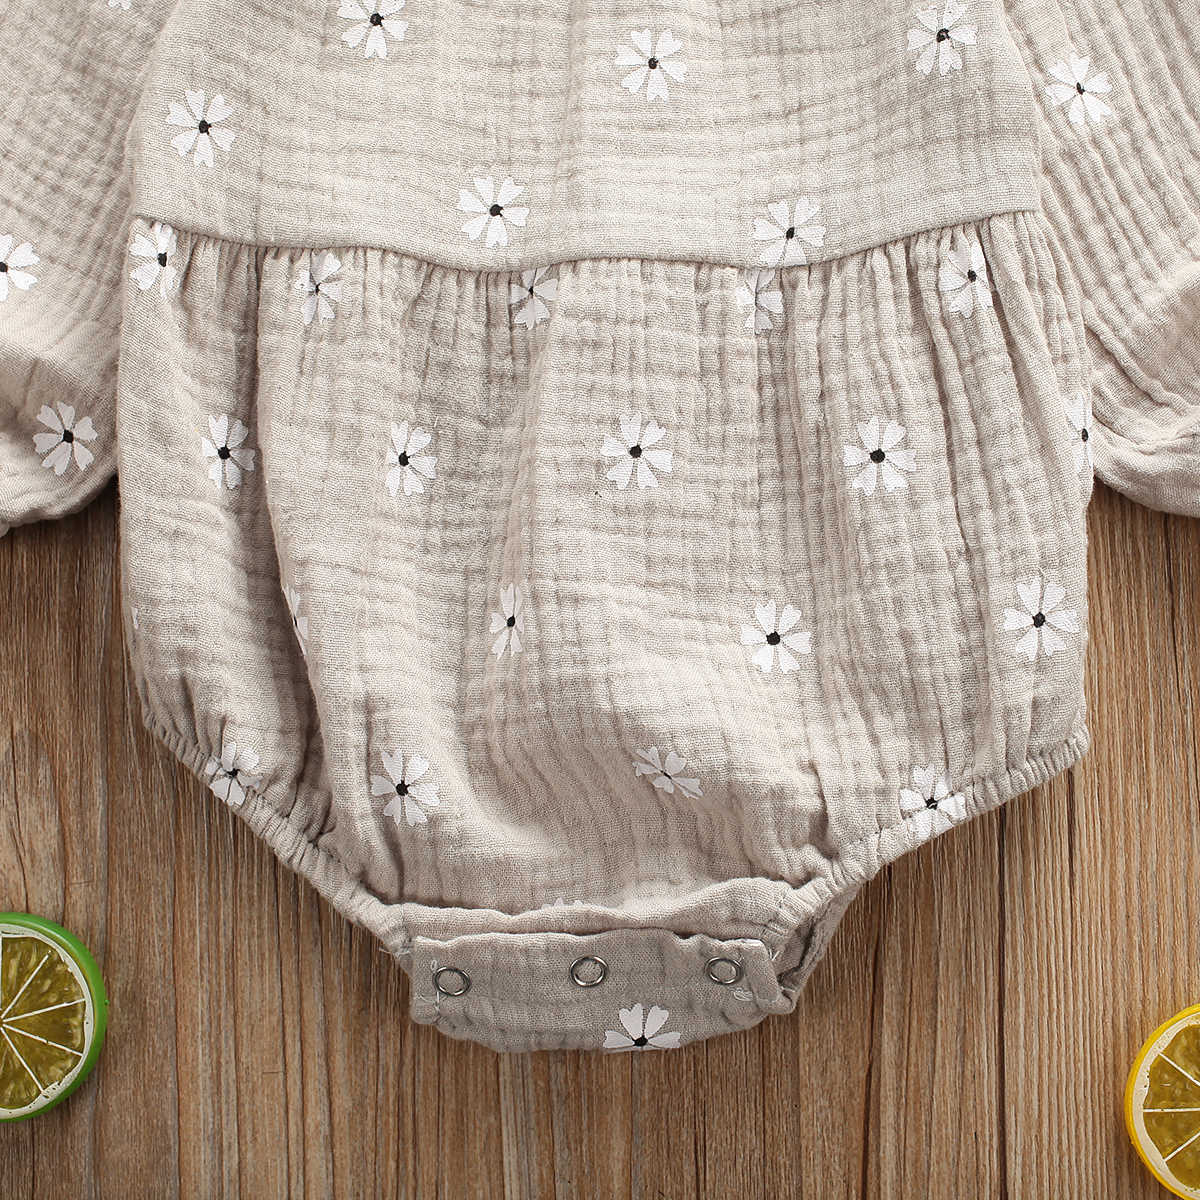 Quần Áo Bé Sơ Sinh Trẻ Sơ Sinh Bé Gái Vải Lanh Cotton Tay Dài Lệch Vai Hoa Bodysuit Áo Liền Quần 0-24M